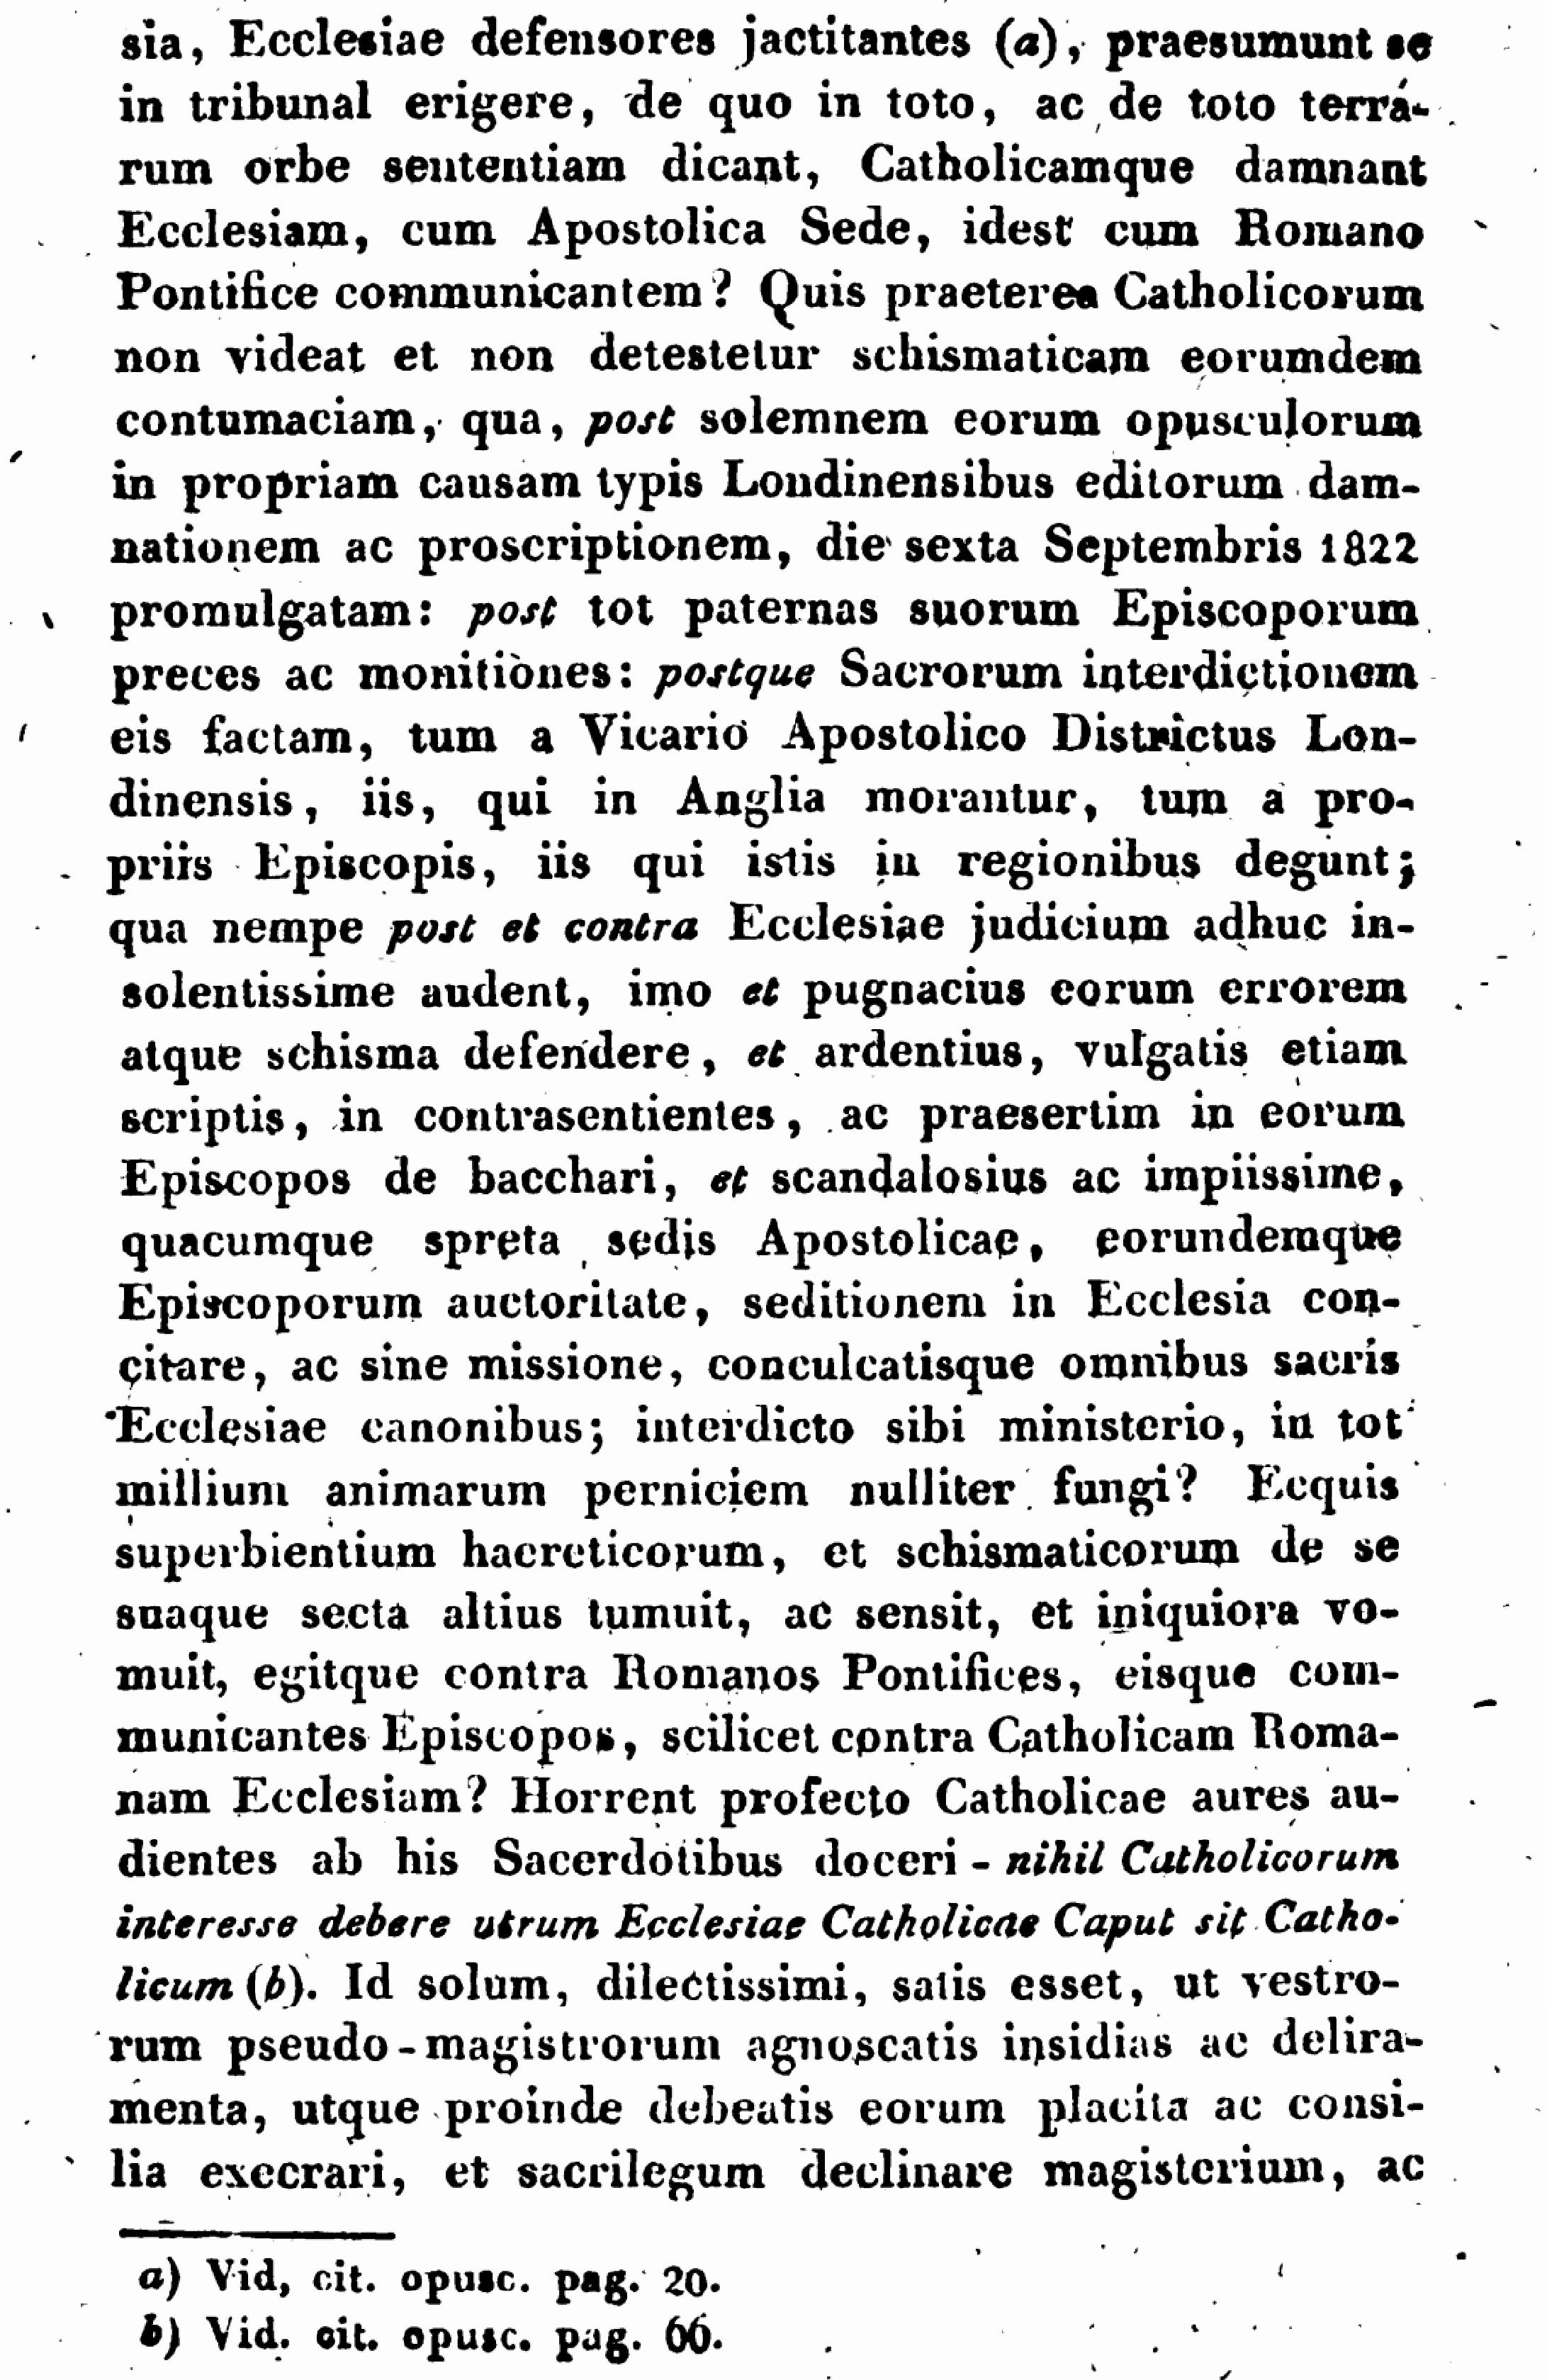 """Exhortation """"PASTORIS ÆTERNI"""" aux Dissidents anticoncordataires de la PETITE-ÉGLISE (2/7/1826) Léon XII Exhortation-pasto...n-xii-5--55d41f3"""